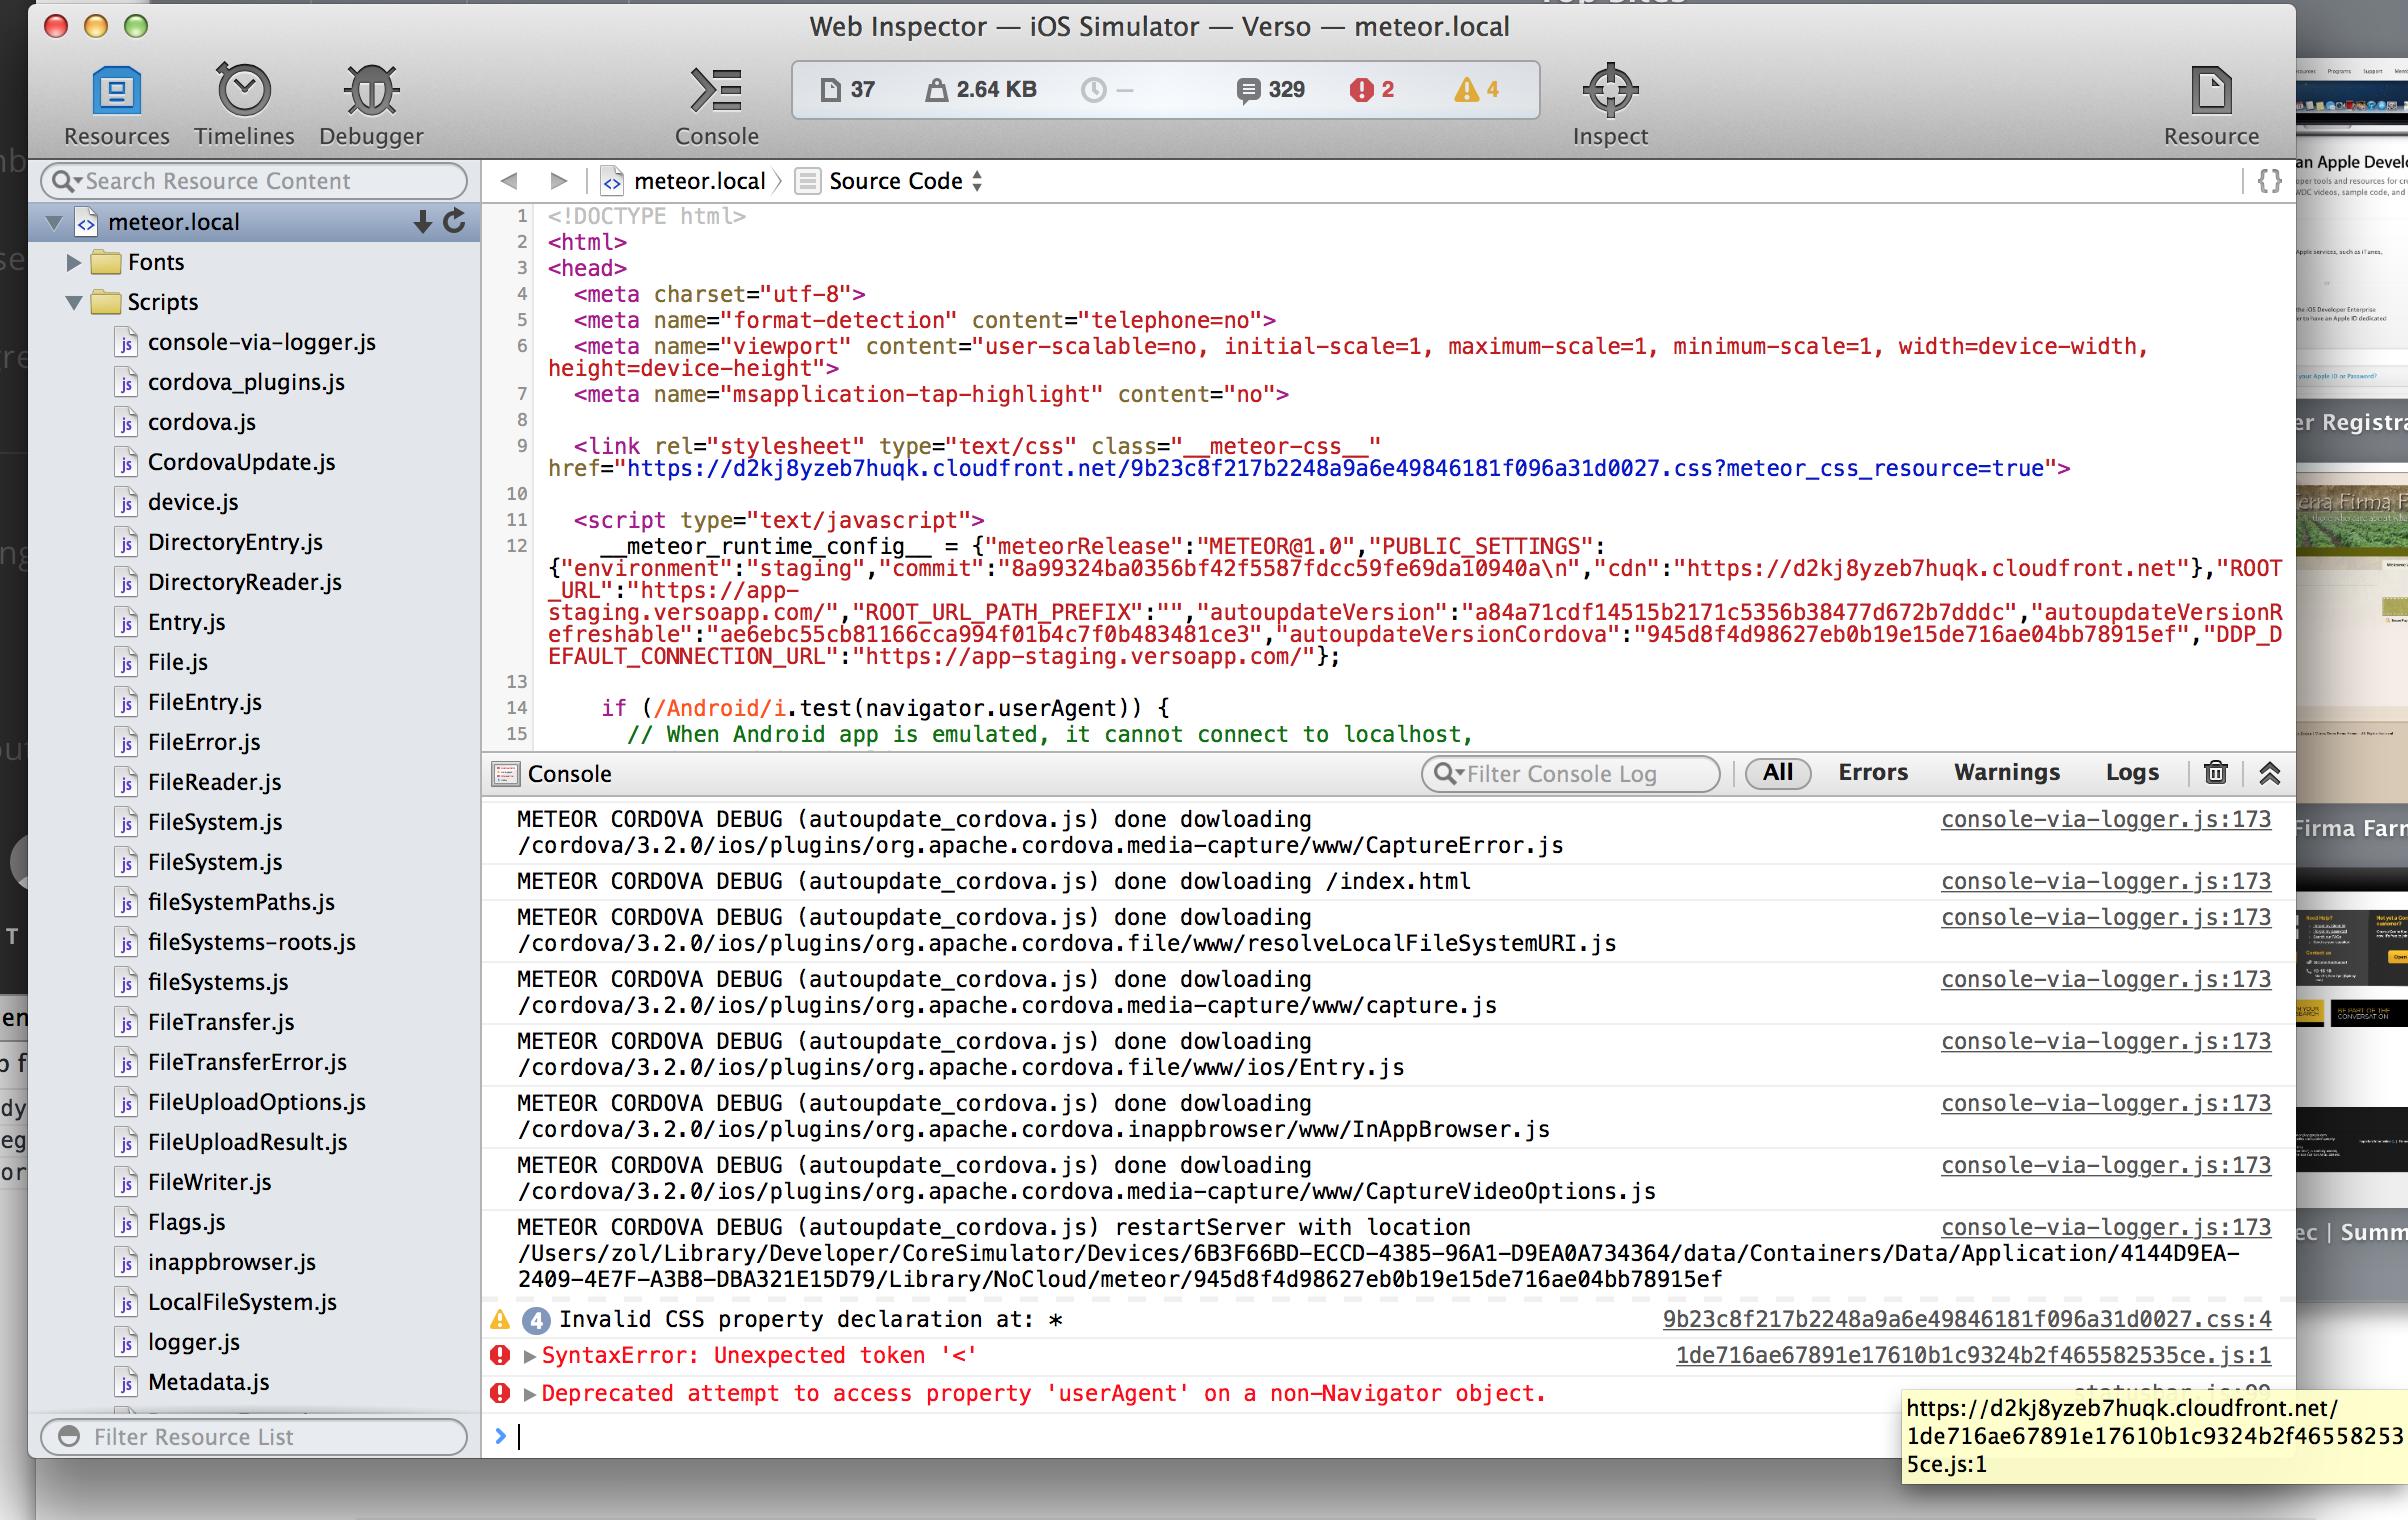 screen shot 2014-12-11 at 1 29 44 pm